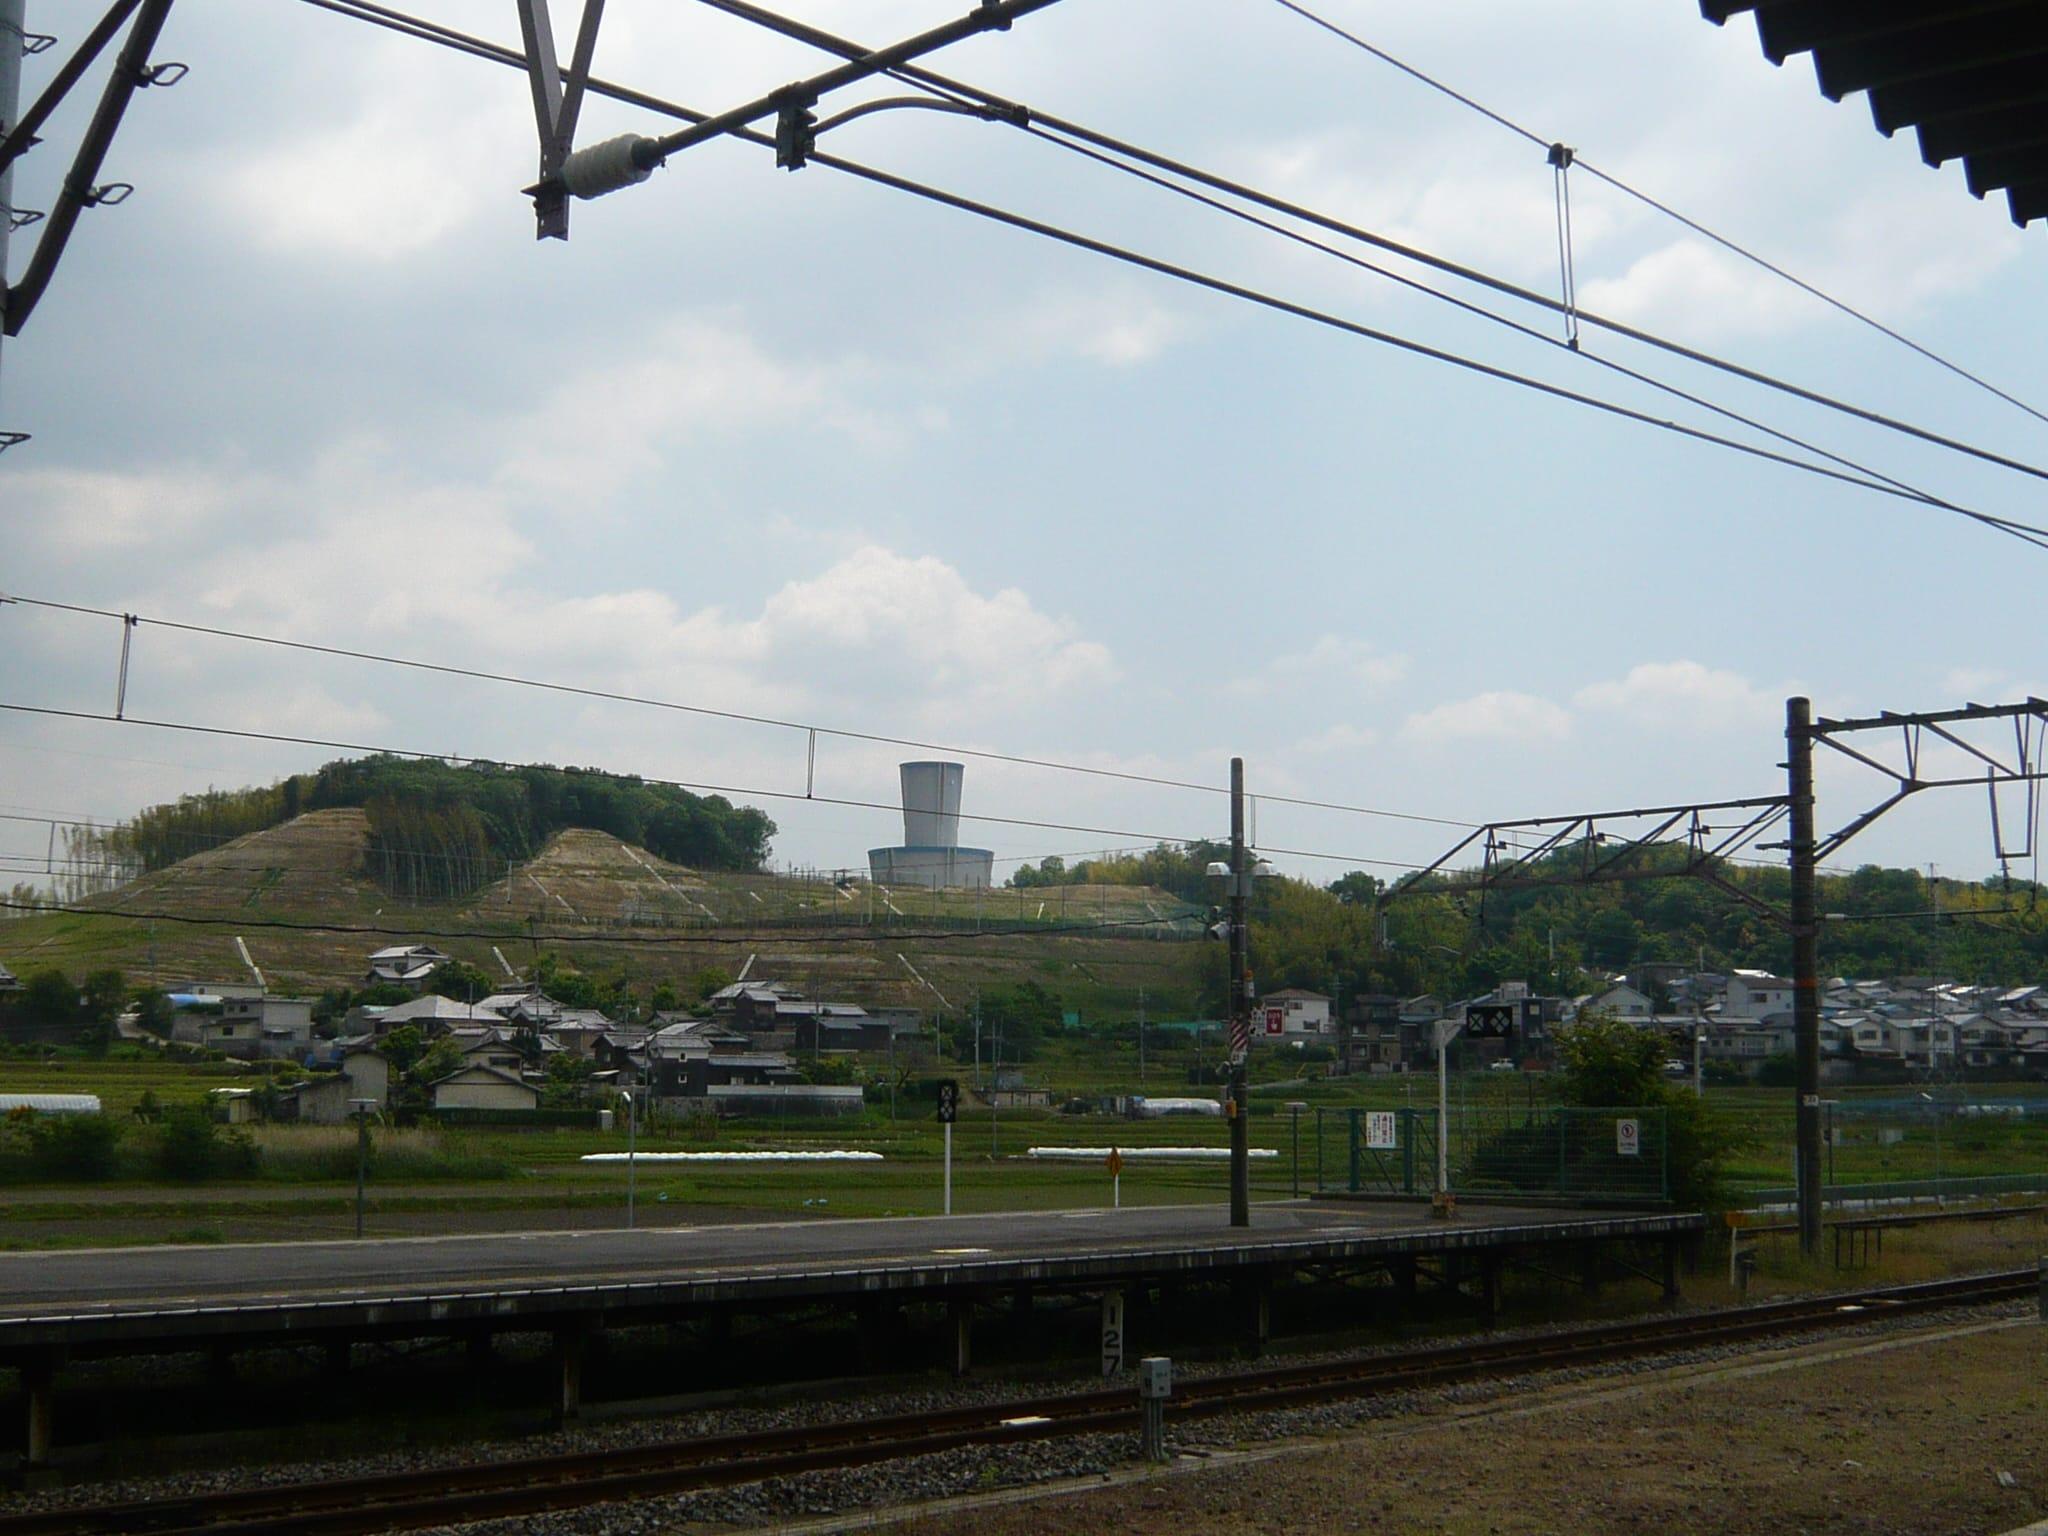 木津駅から眺めた風景